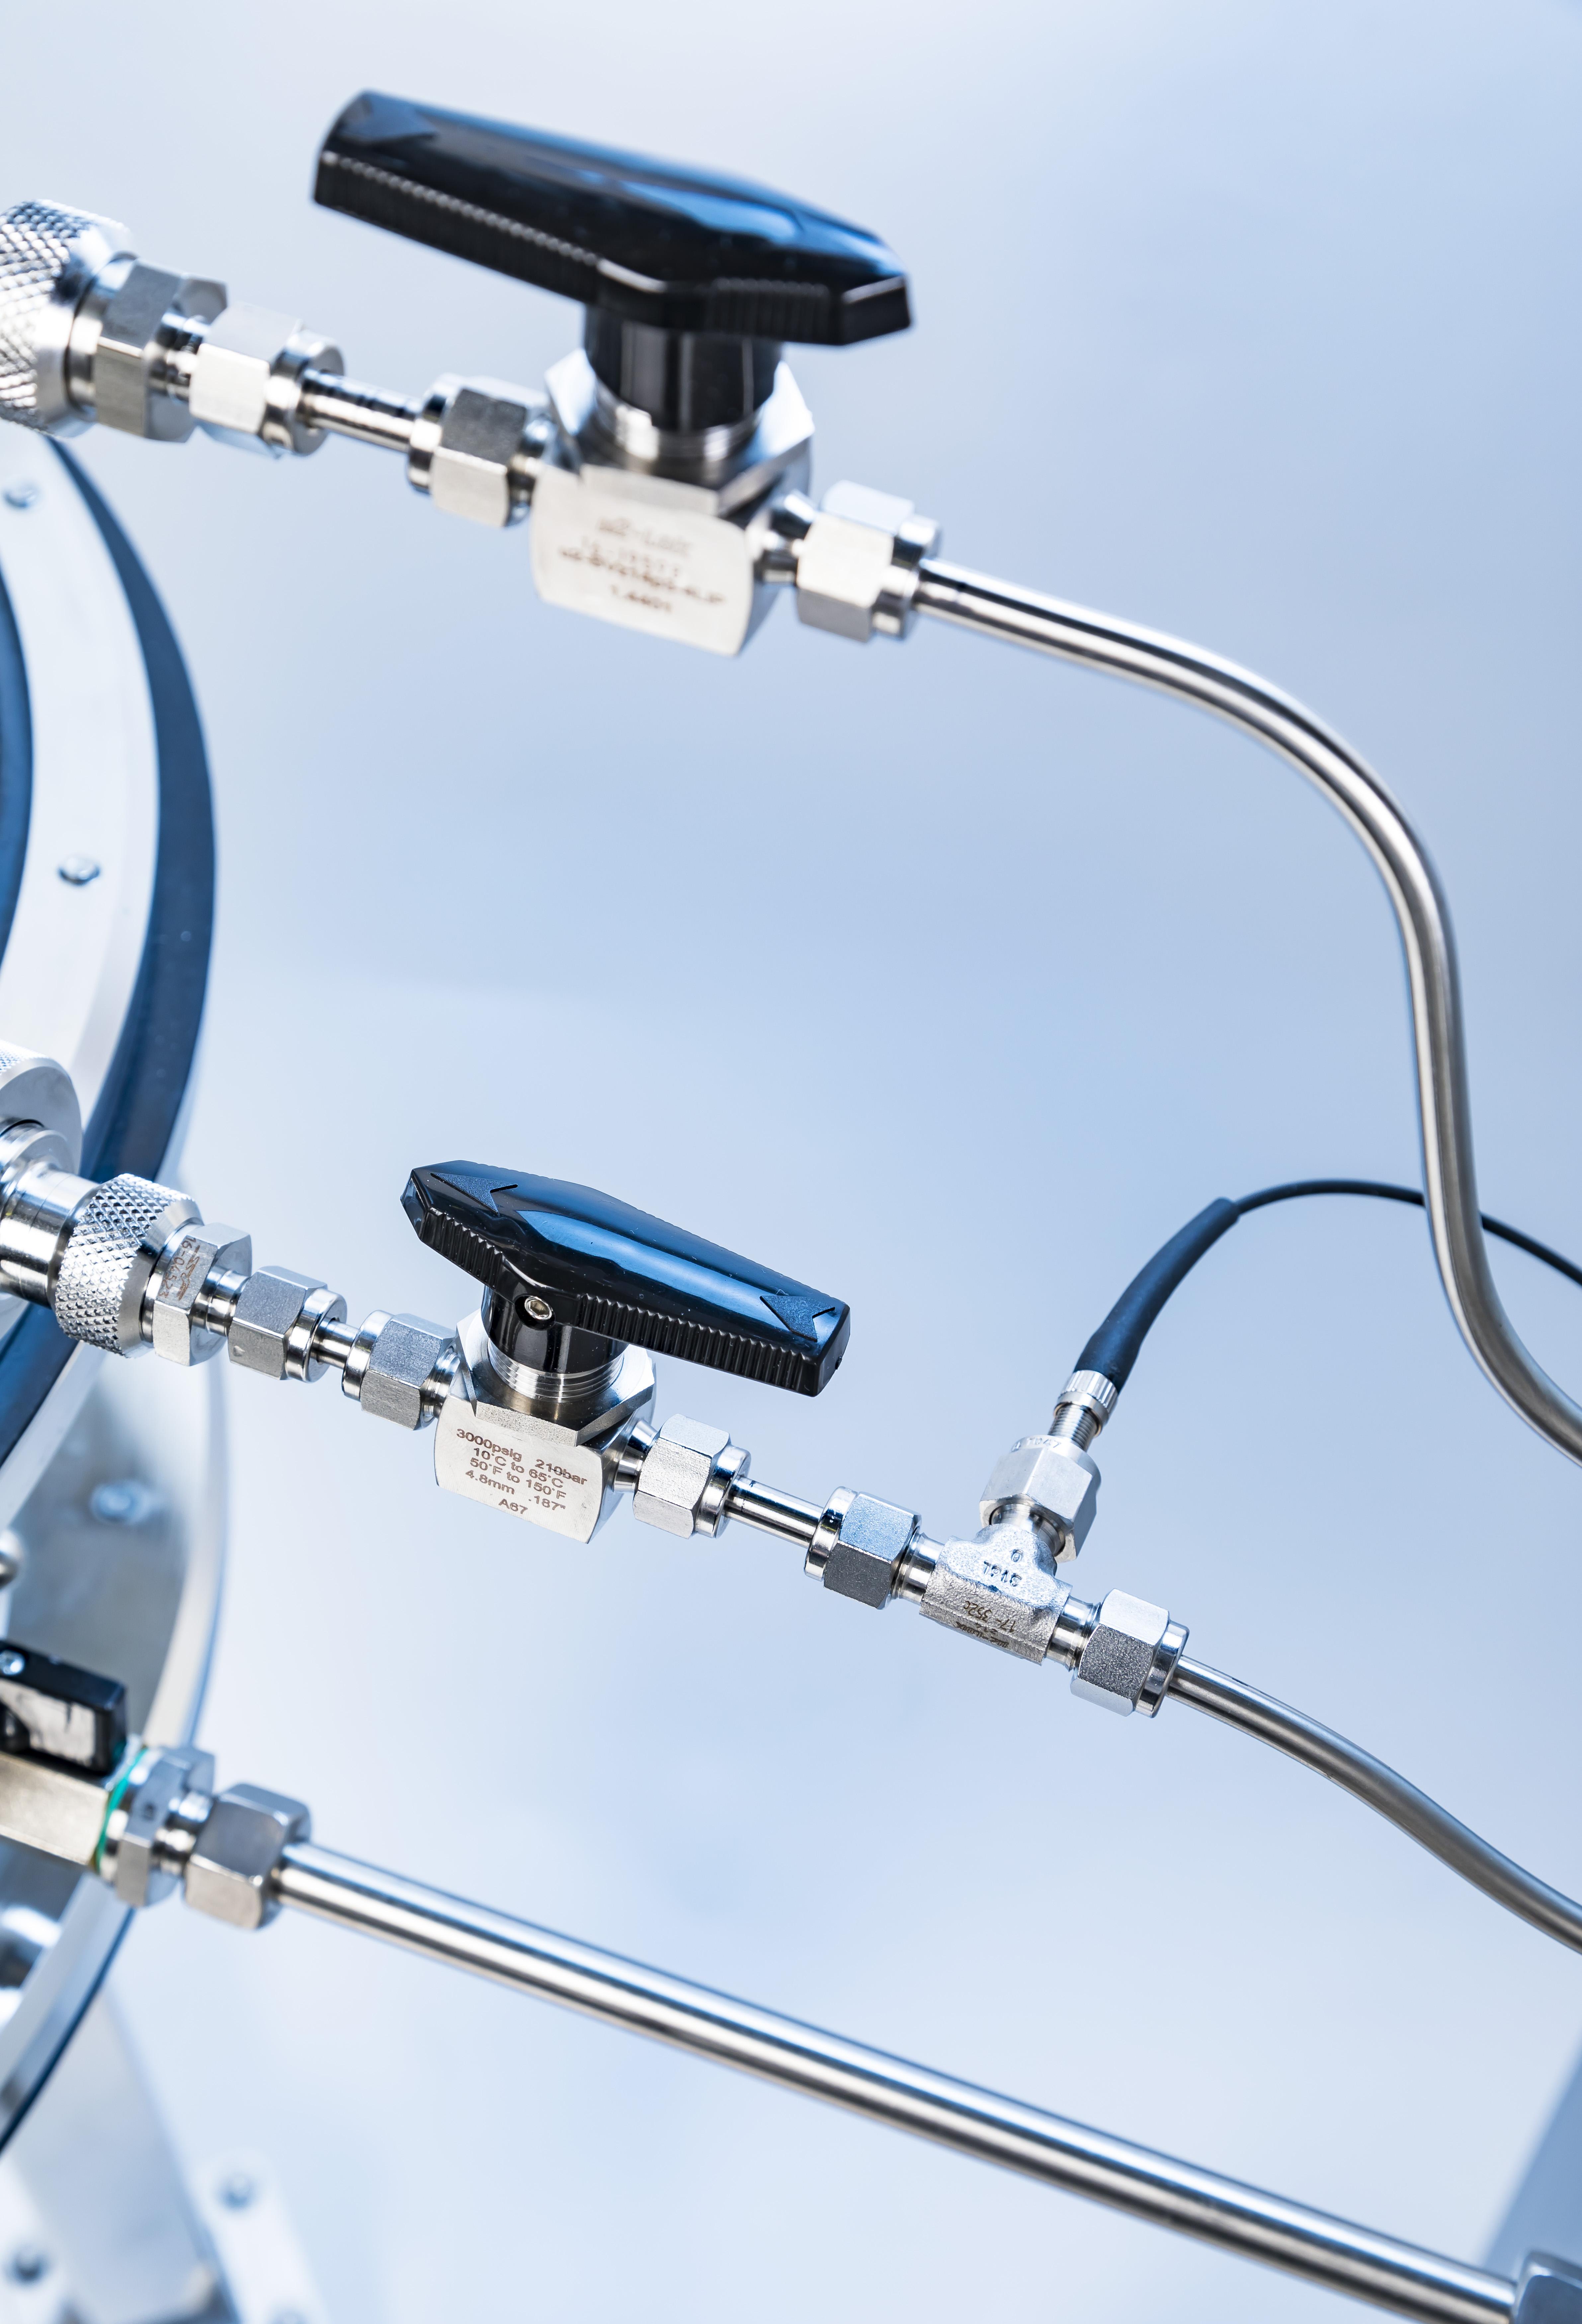 Neue kLa-Wert-Messung für den optimalen Bioprozess